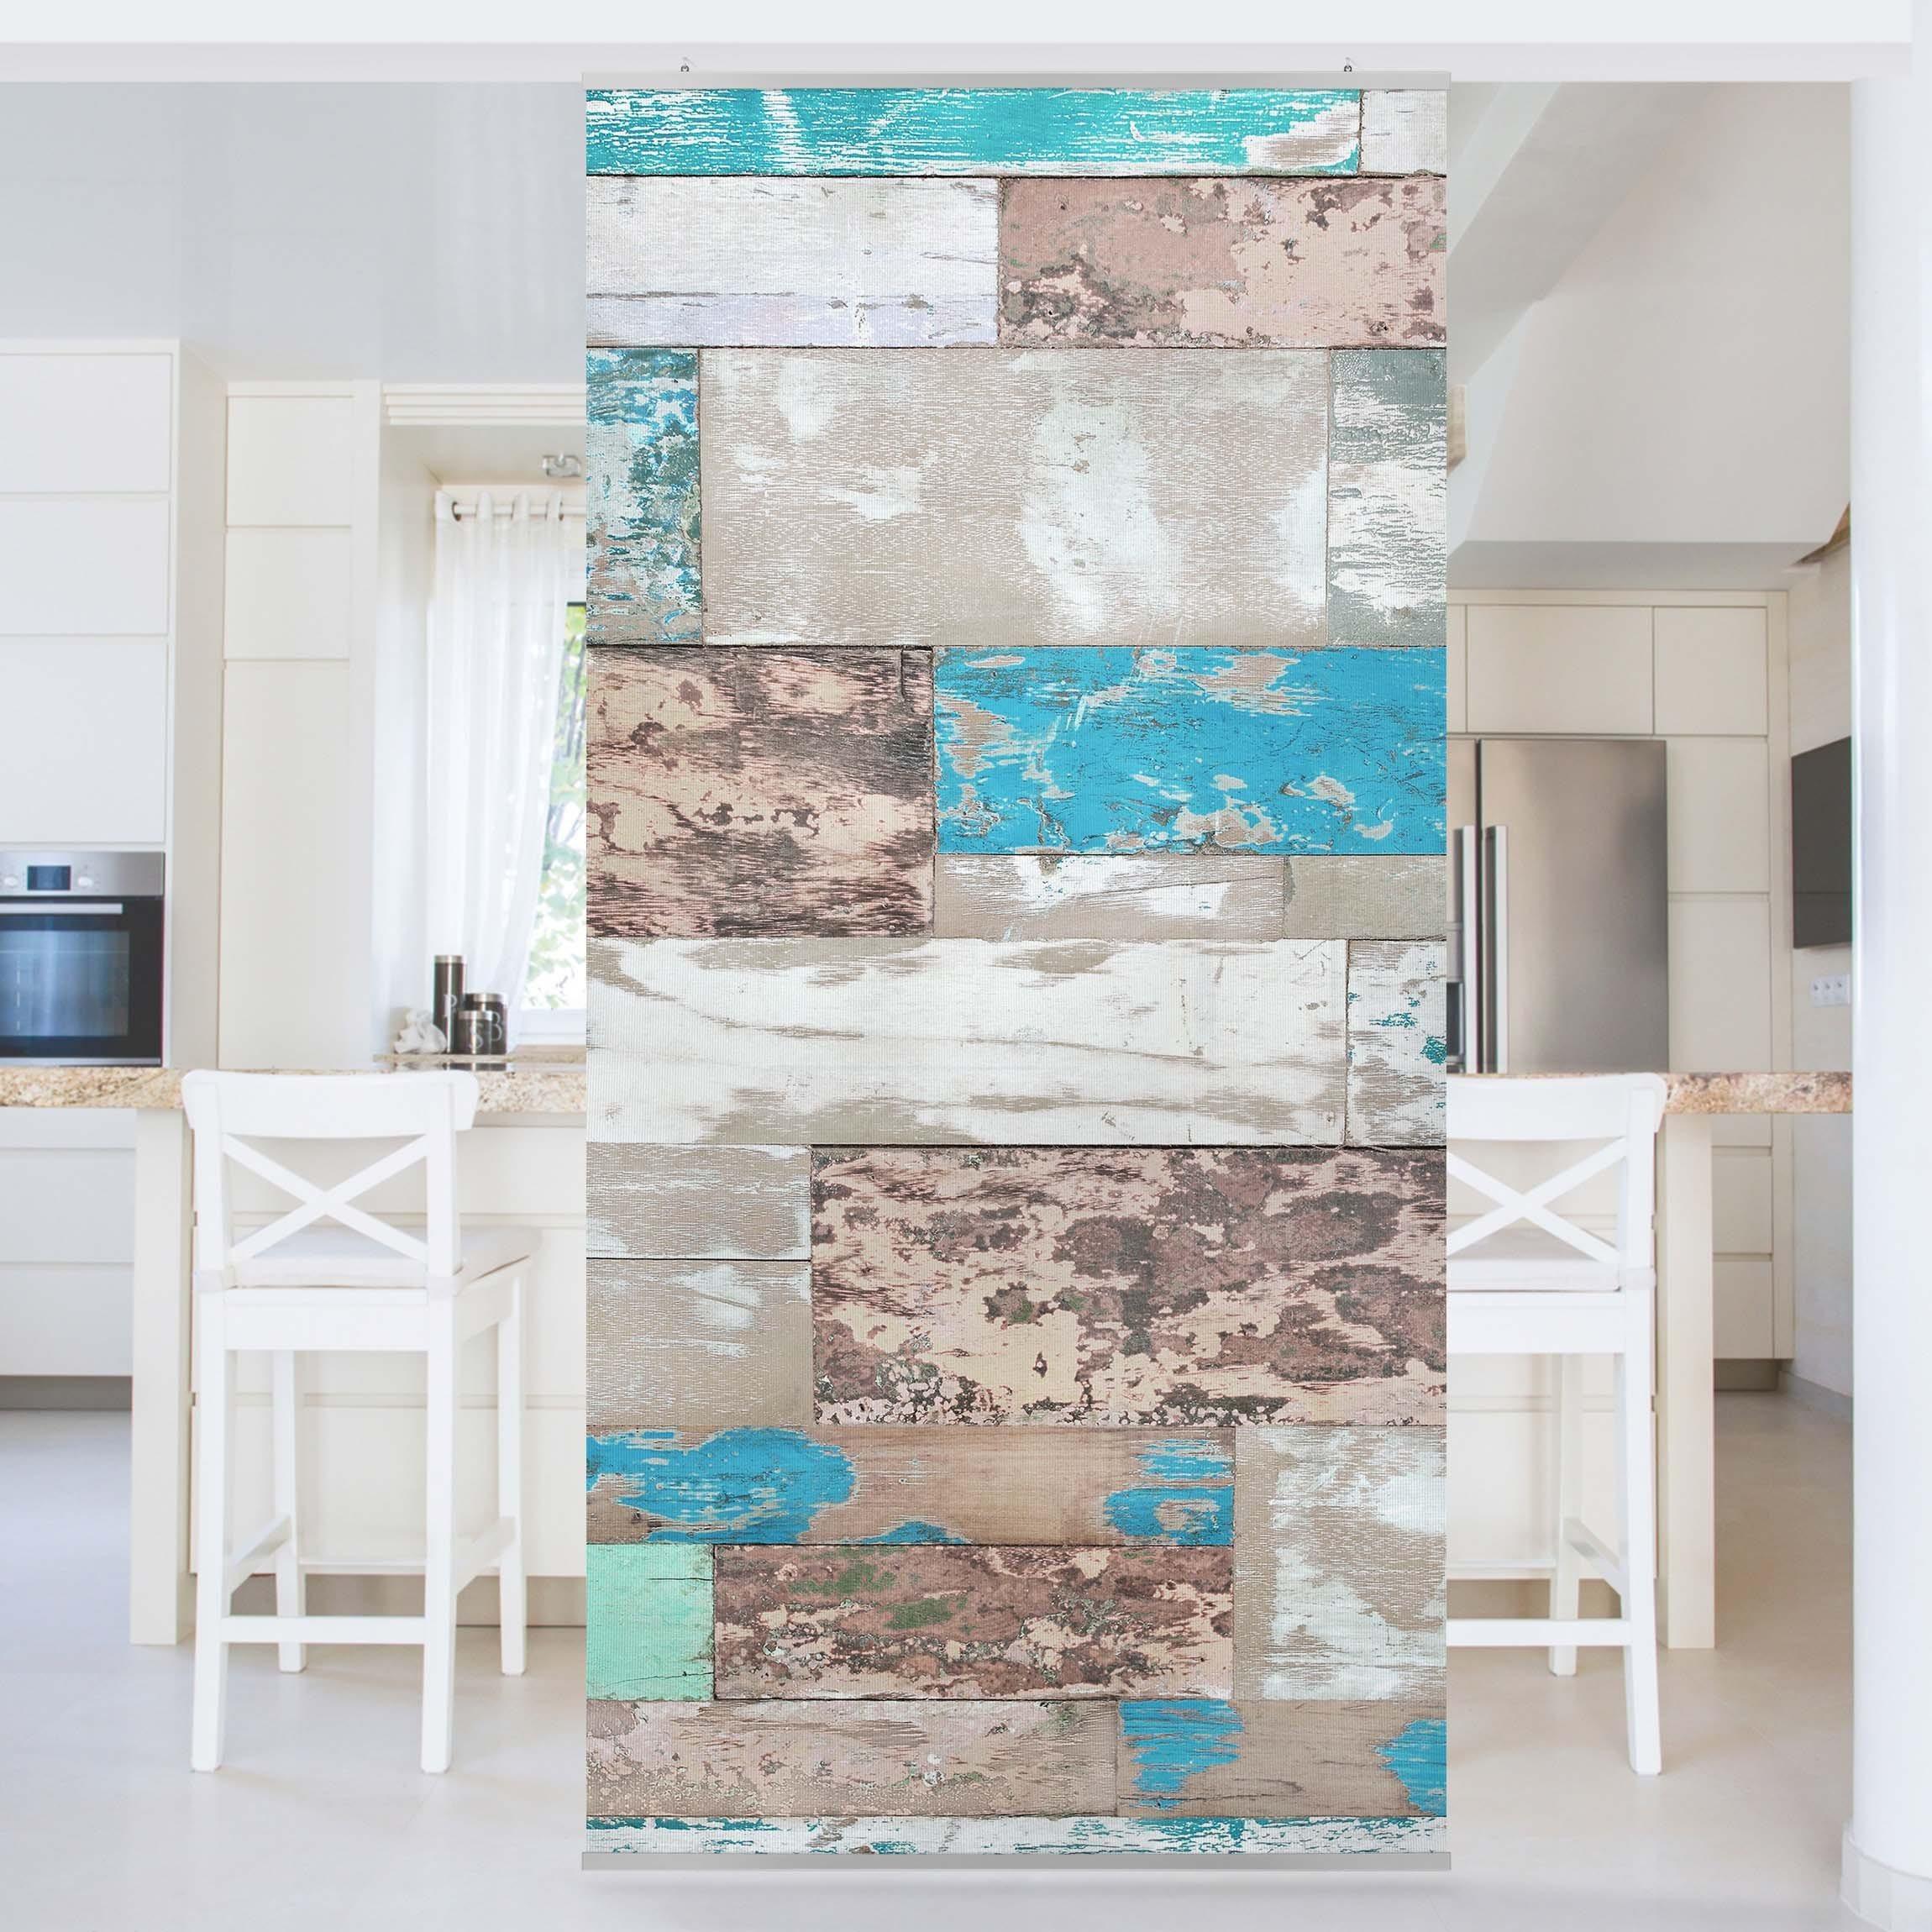 Bilderwelten Raumteiler - Vorhang »Top Maritim Raumtrenner« | Wohnzimmer > Regale > Raumteiler | Polyester - Stoff - Textil - Aluminium | Bilderwelten